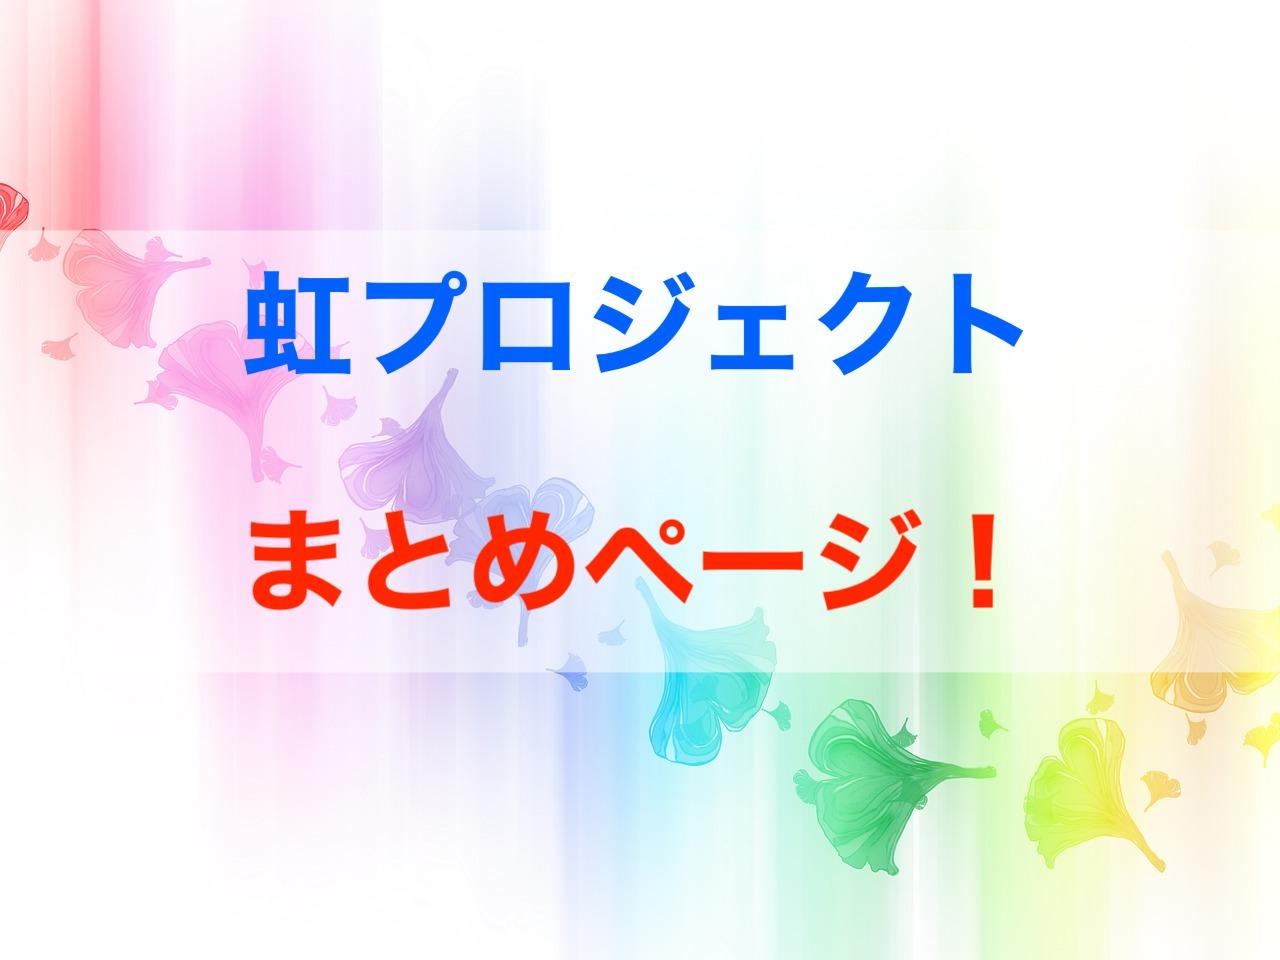 虹プロ,虹プロジェクト